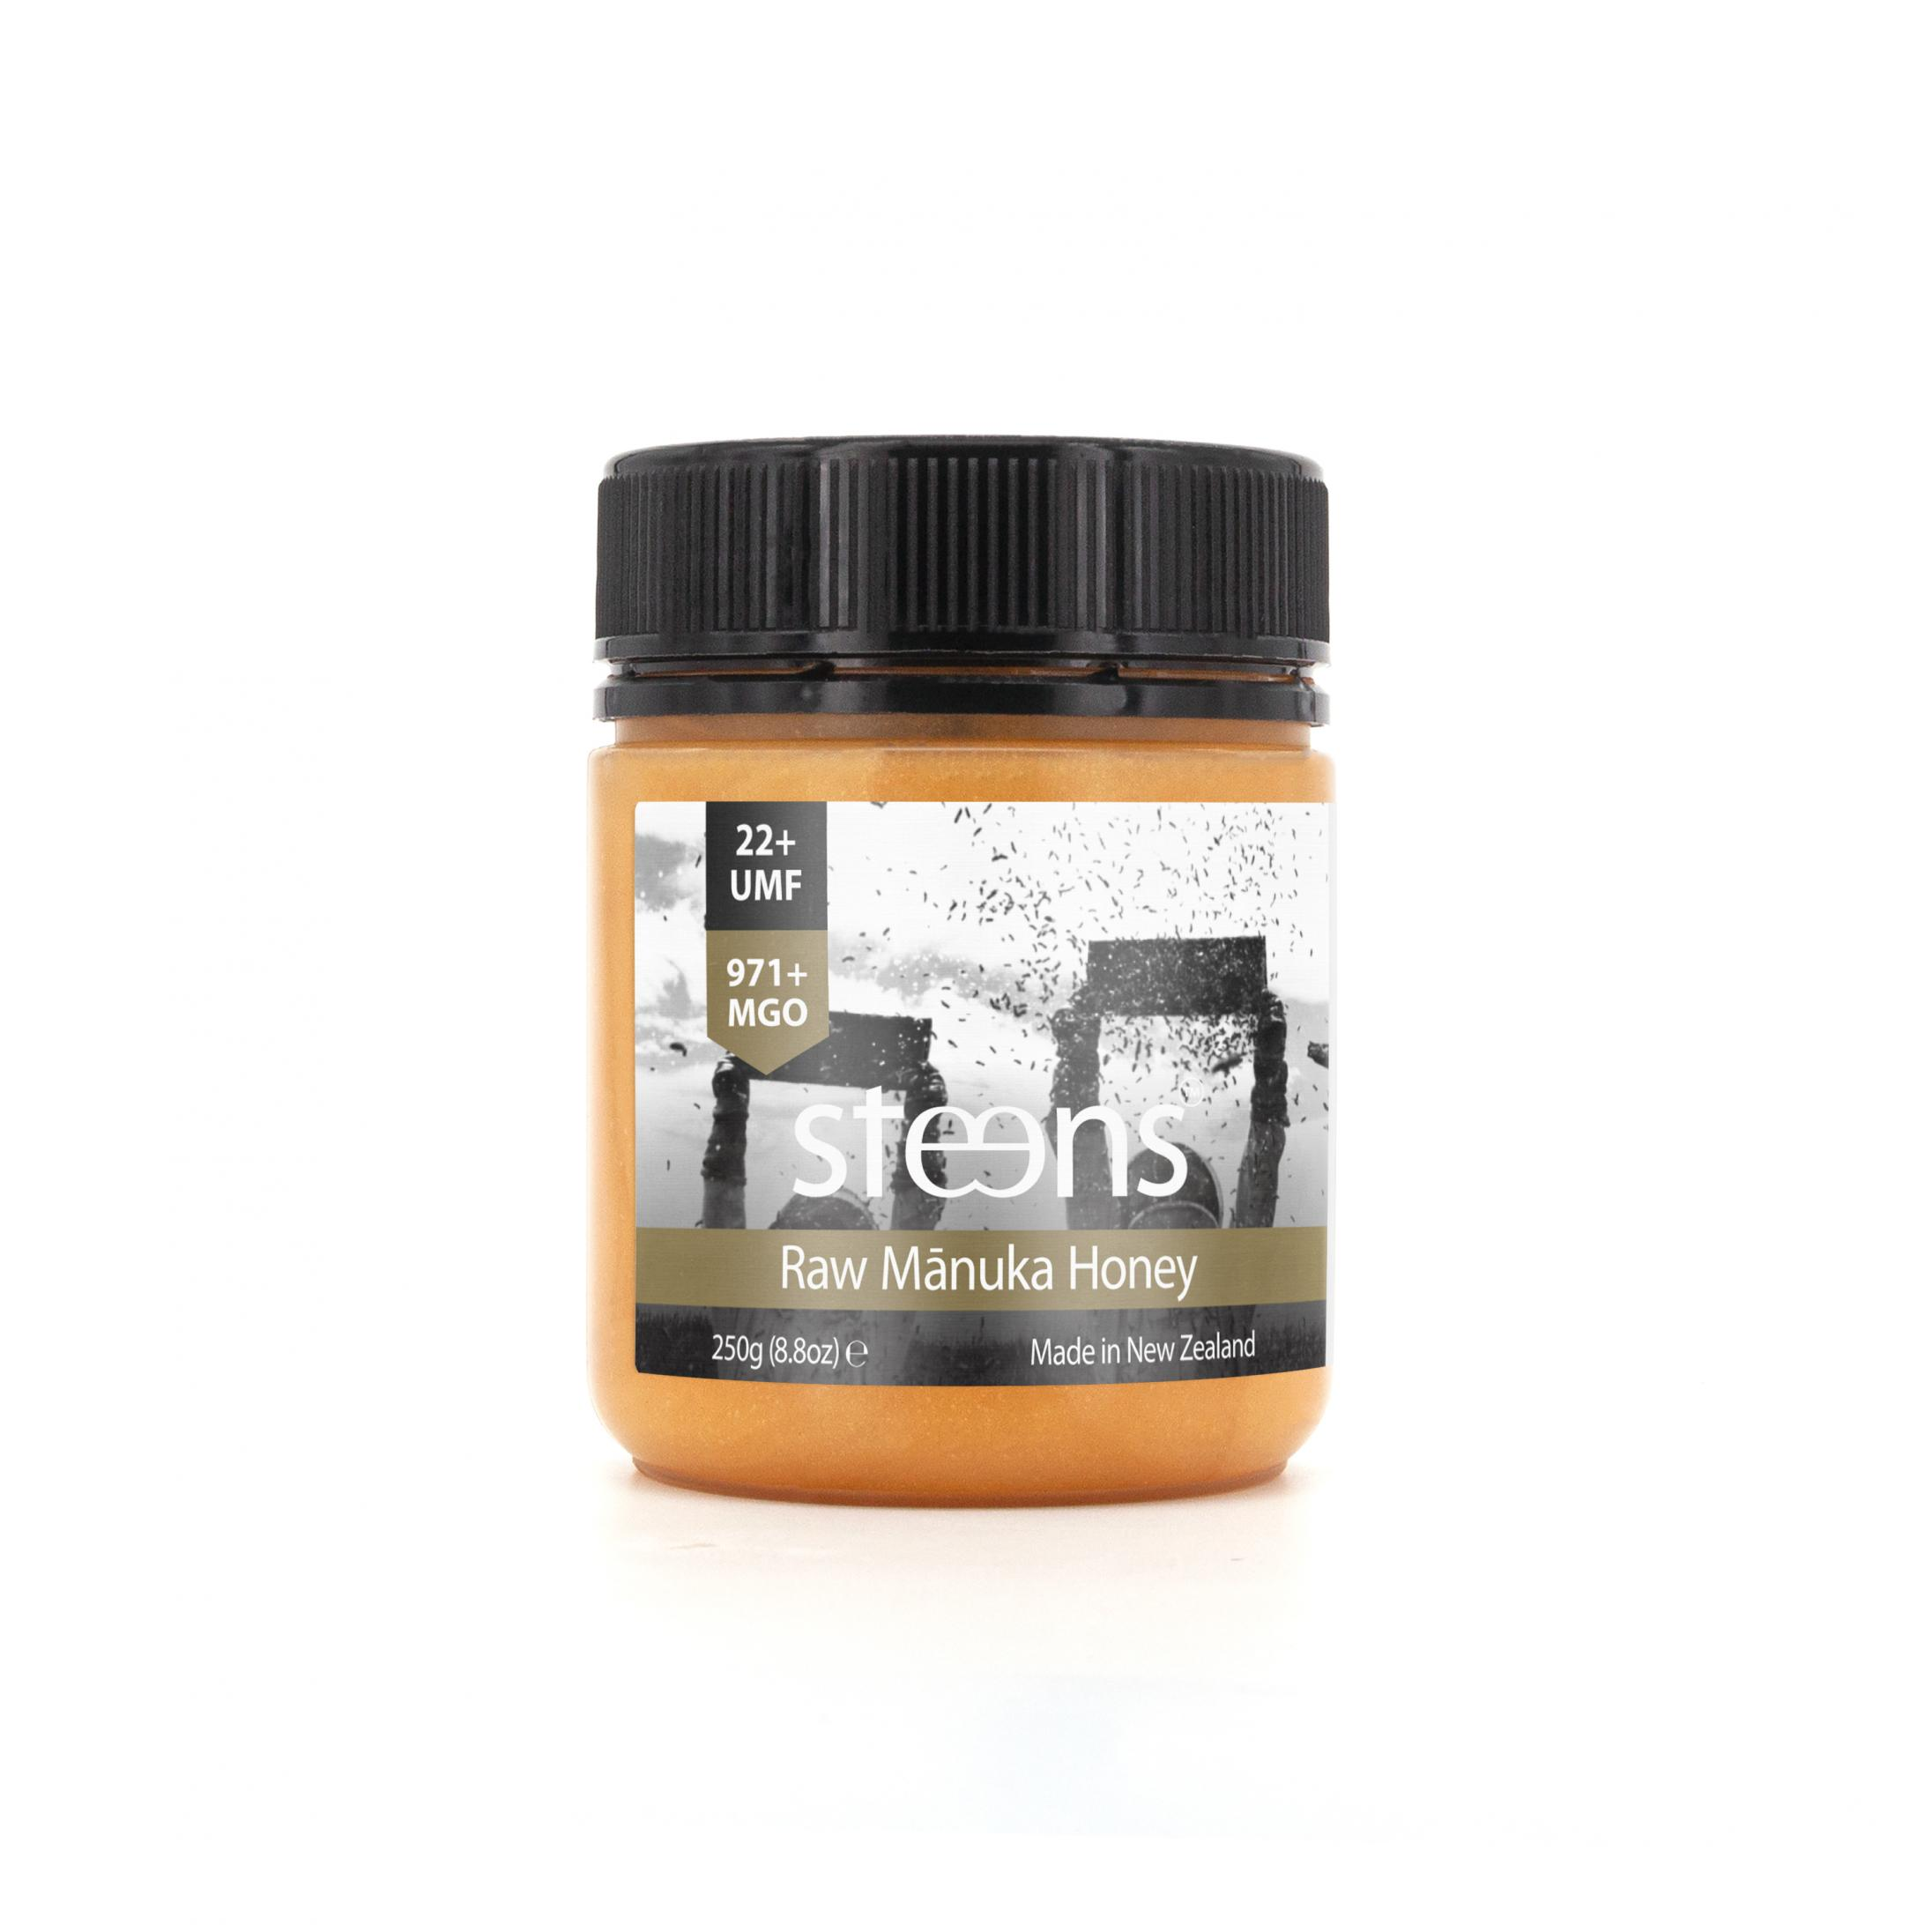 Raw Manuka Honey UMF22+ MGO 971+ 250g